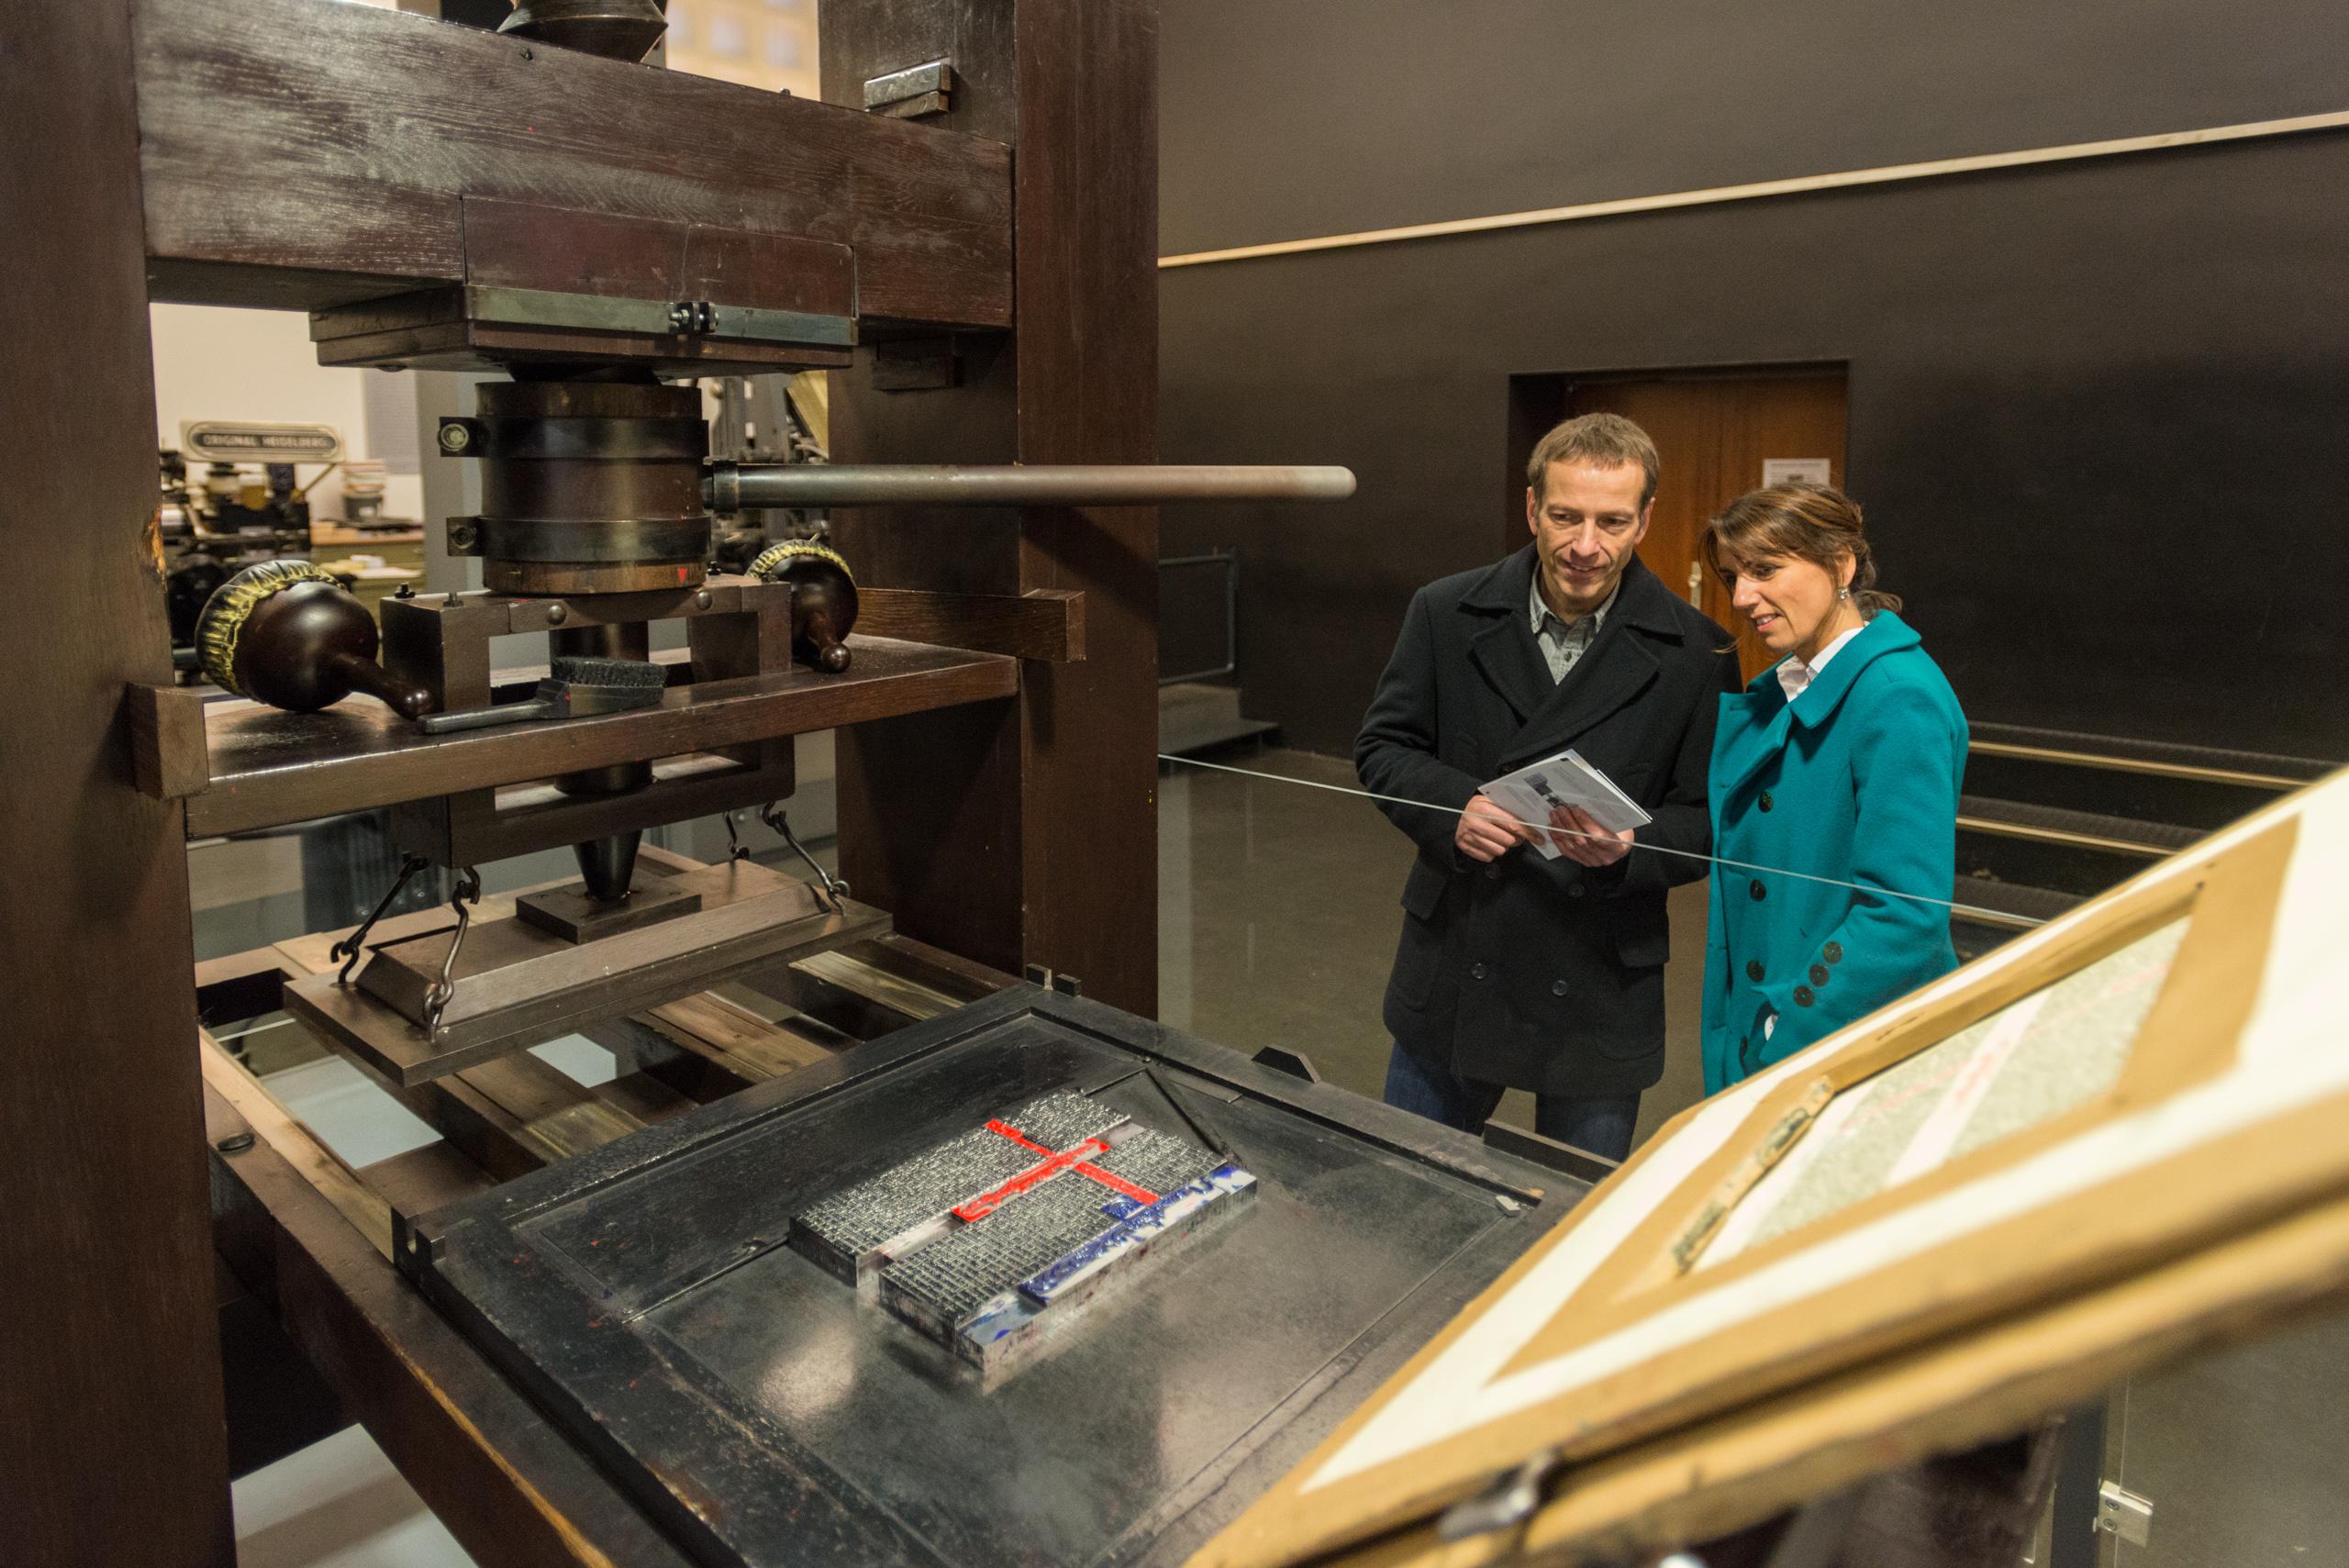 Besuch der Ausstellung im Gutenberg-Museum Mainz über die Erfindung des Buchdrucks, Rheinhessen